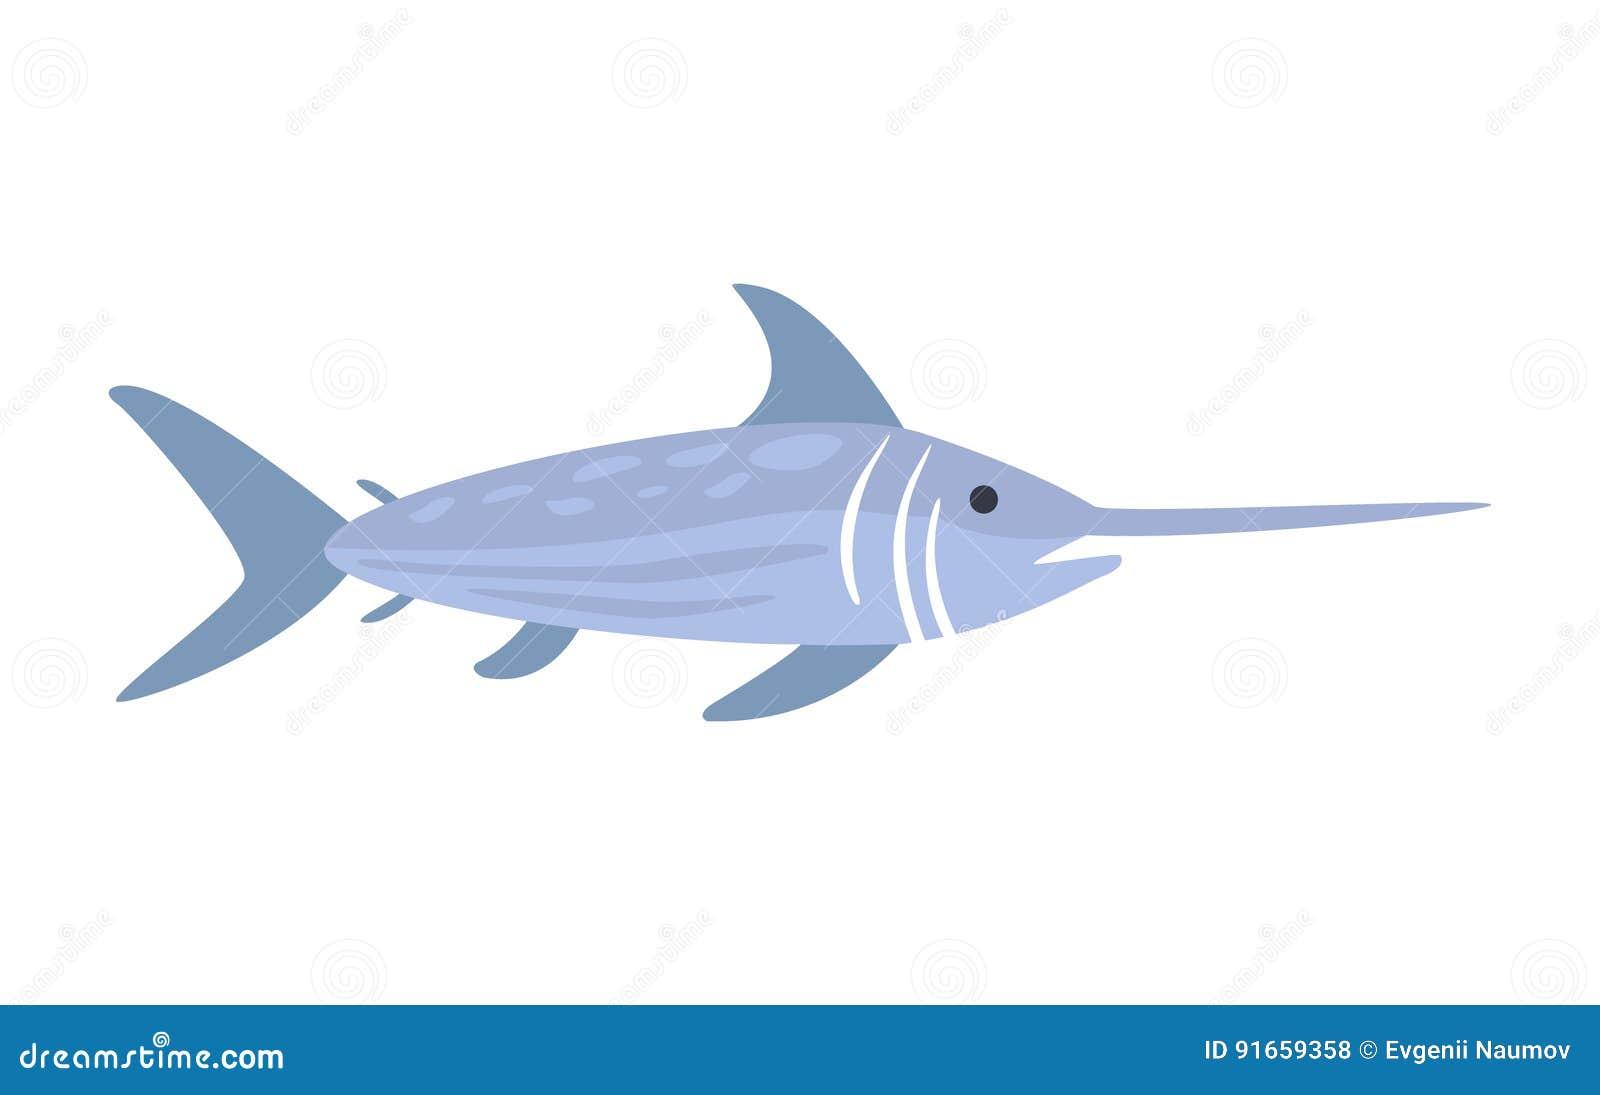 Blauwe Zwaardvissen, een Deel van de Illustratiesreeks van Marine Animals And Reef Life van de Middellandse Zee